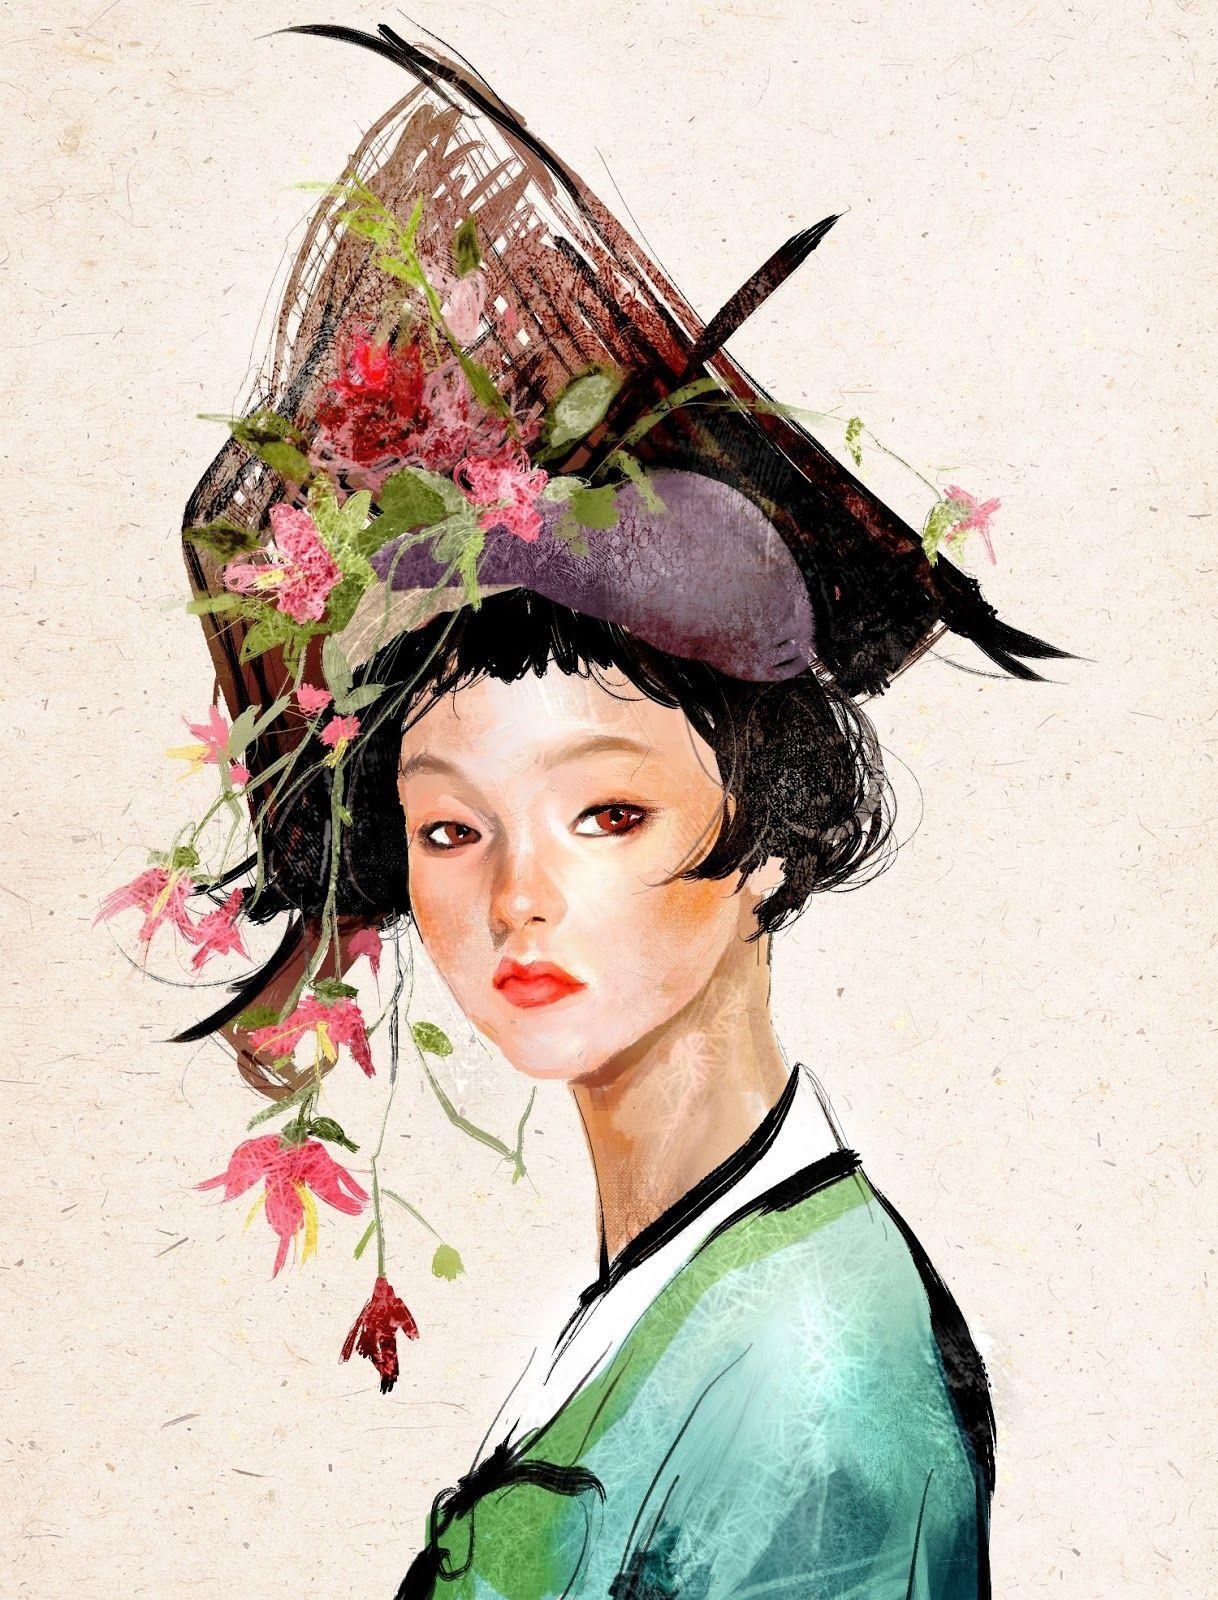 집시 양세은 Zipcy Kai Fine Art 한국의 미술 유화 귀여운 예술